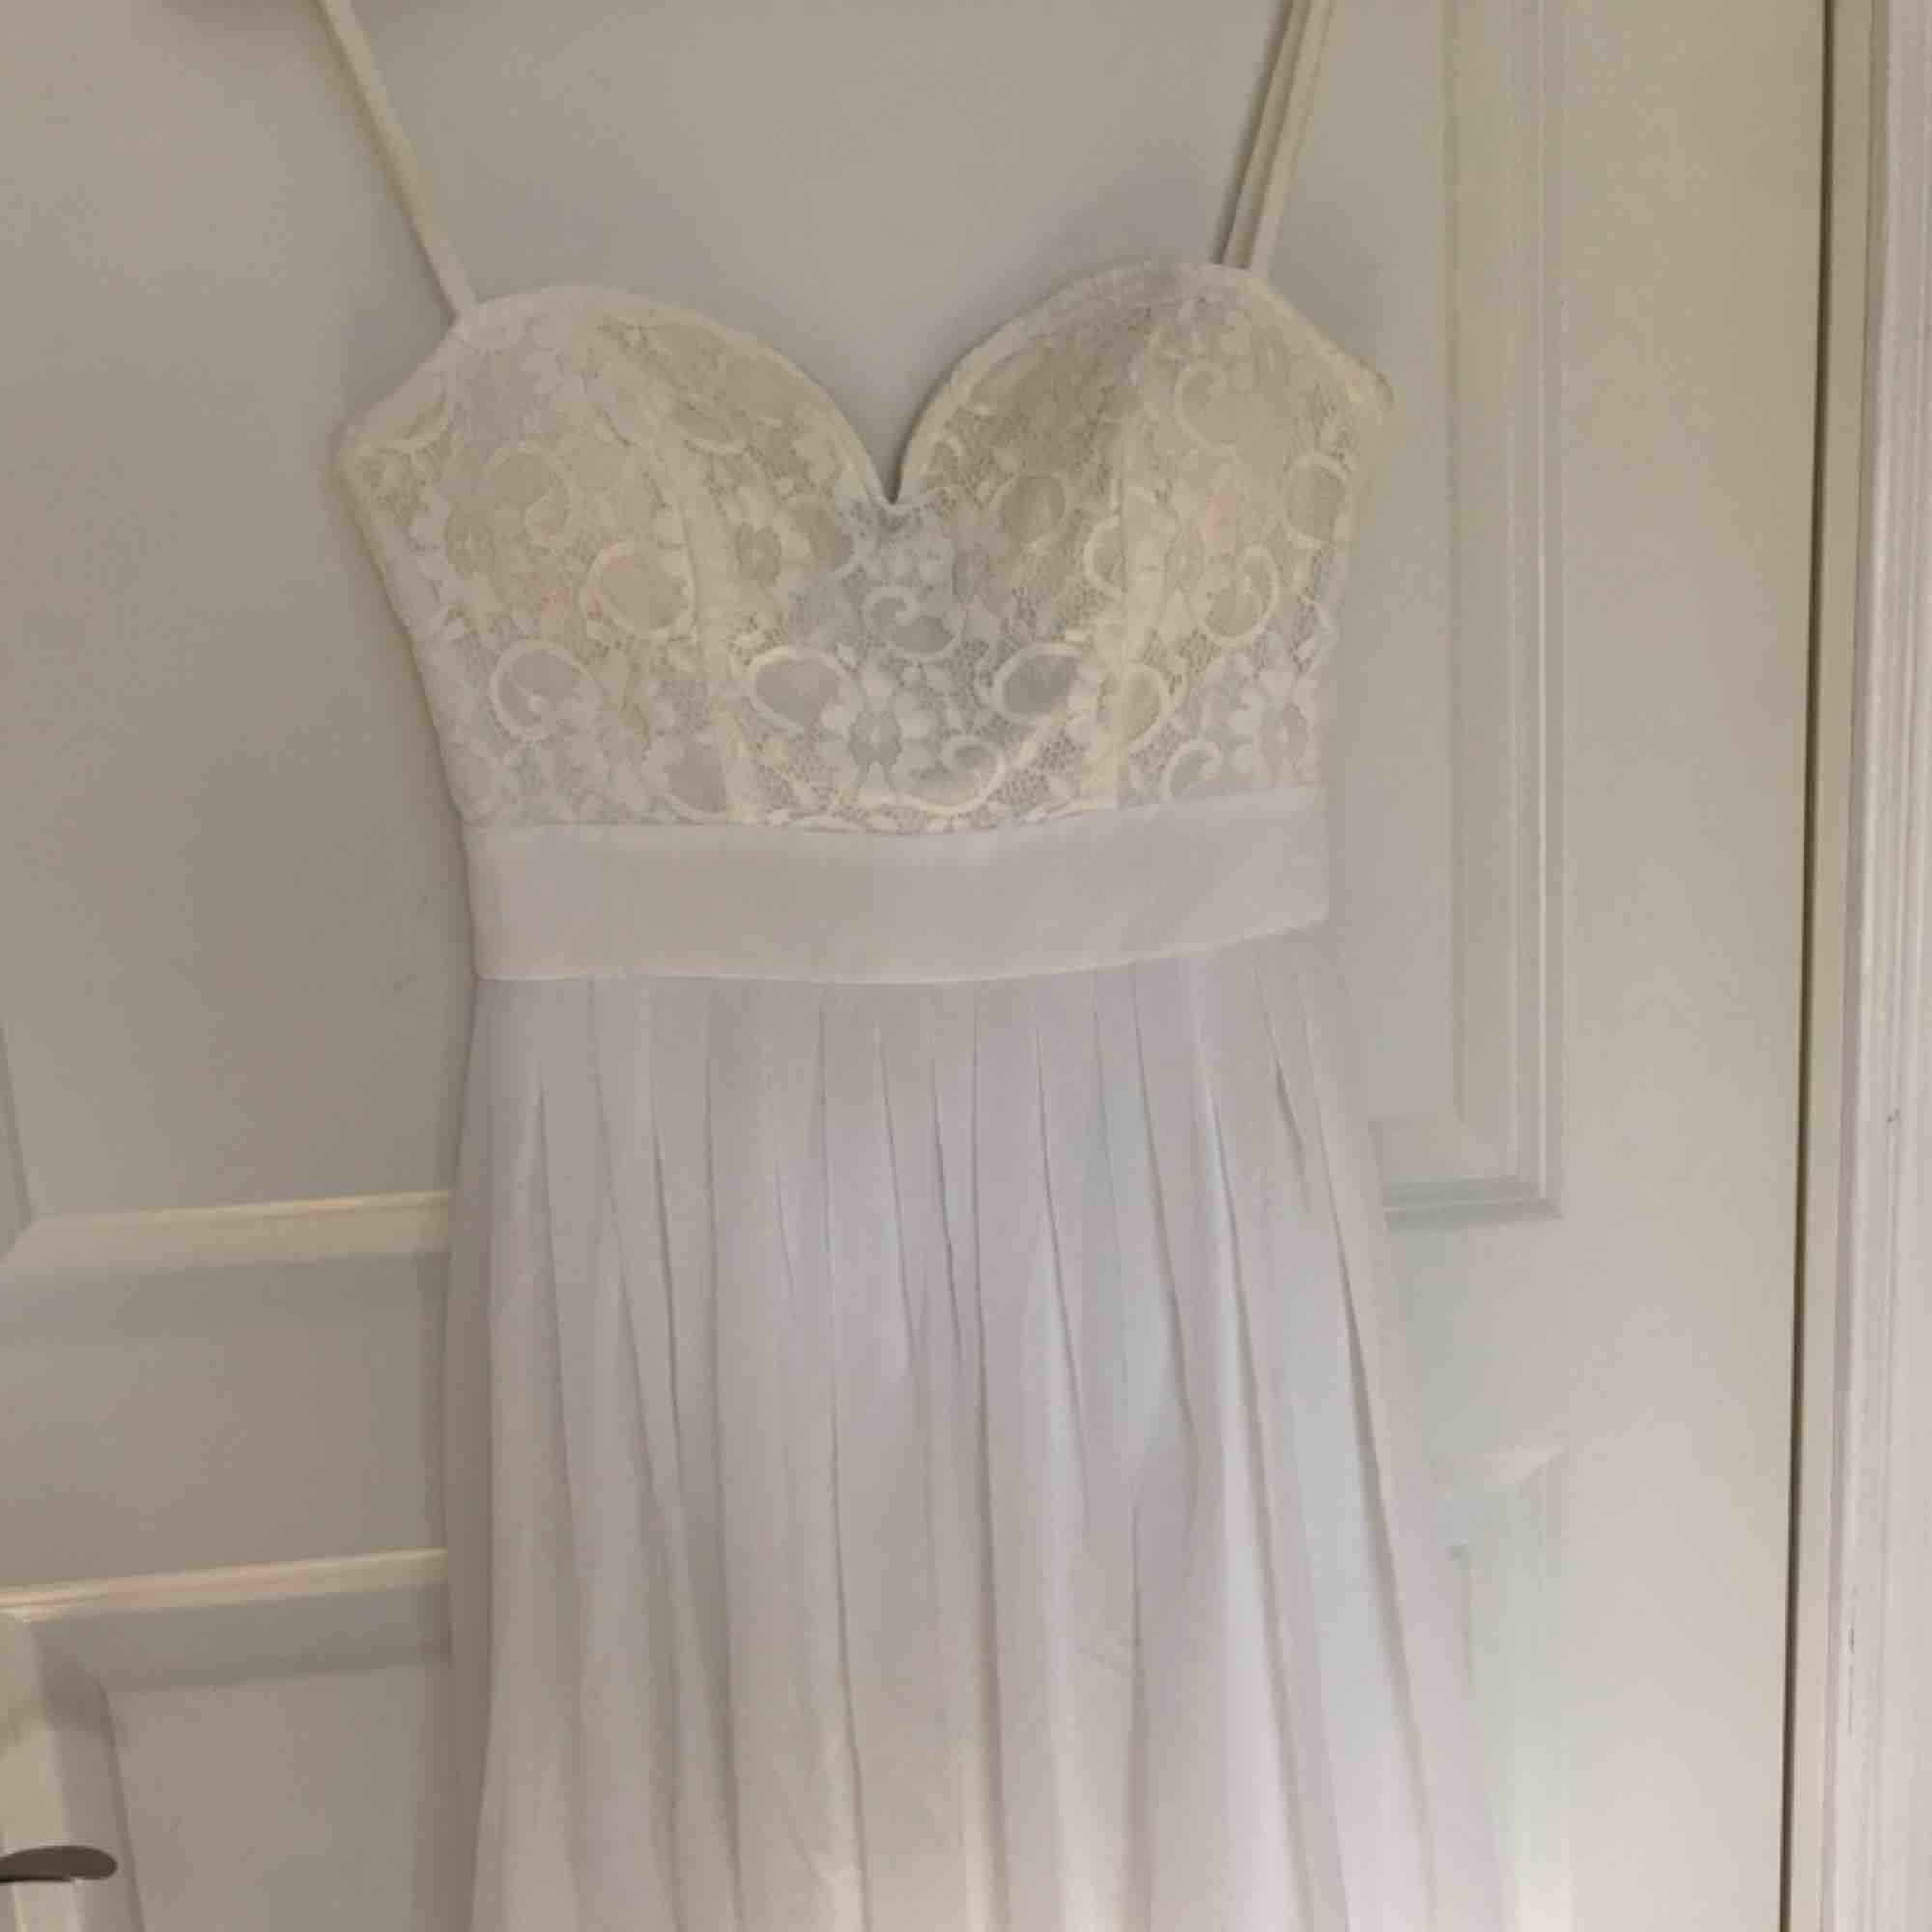 Jättefin klänning från Elise Ryan, perfekt till skolavslutning eller bal. Använd 1 gång men kommer tyvärr inte till användning mer.. Klänningar.